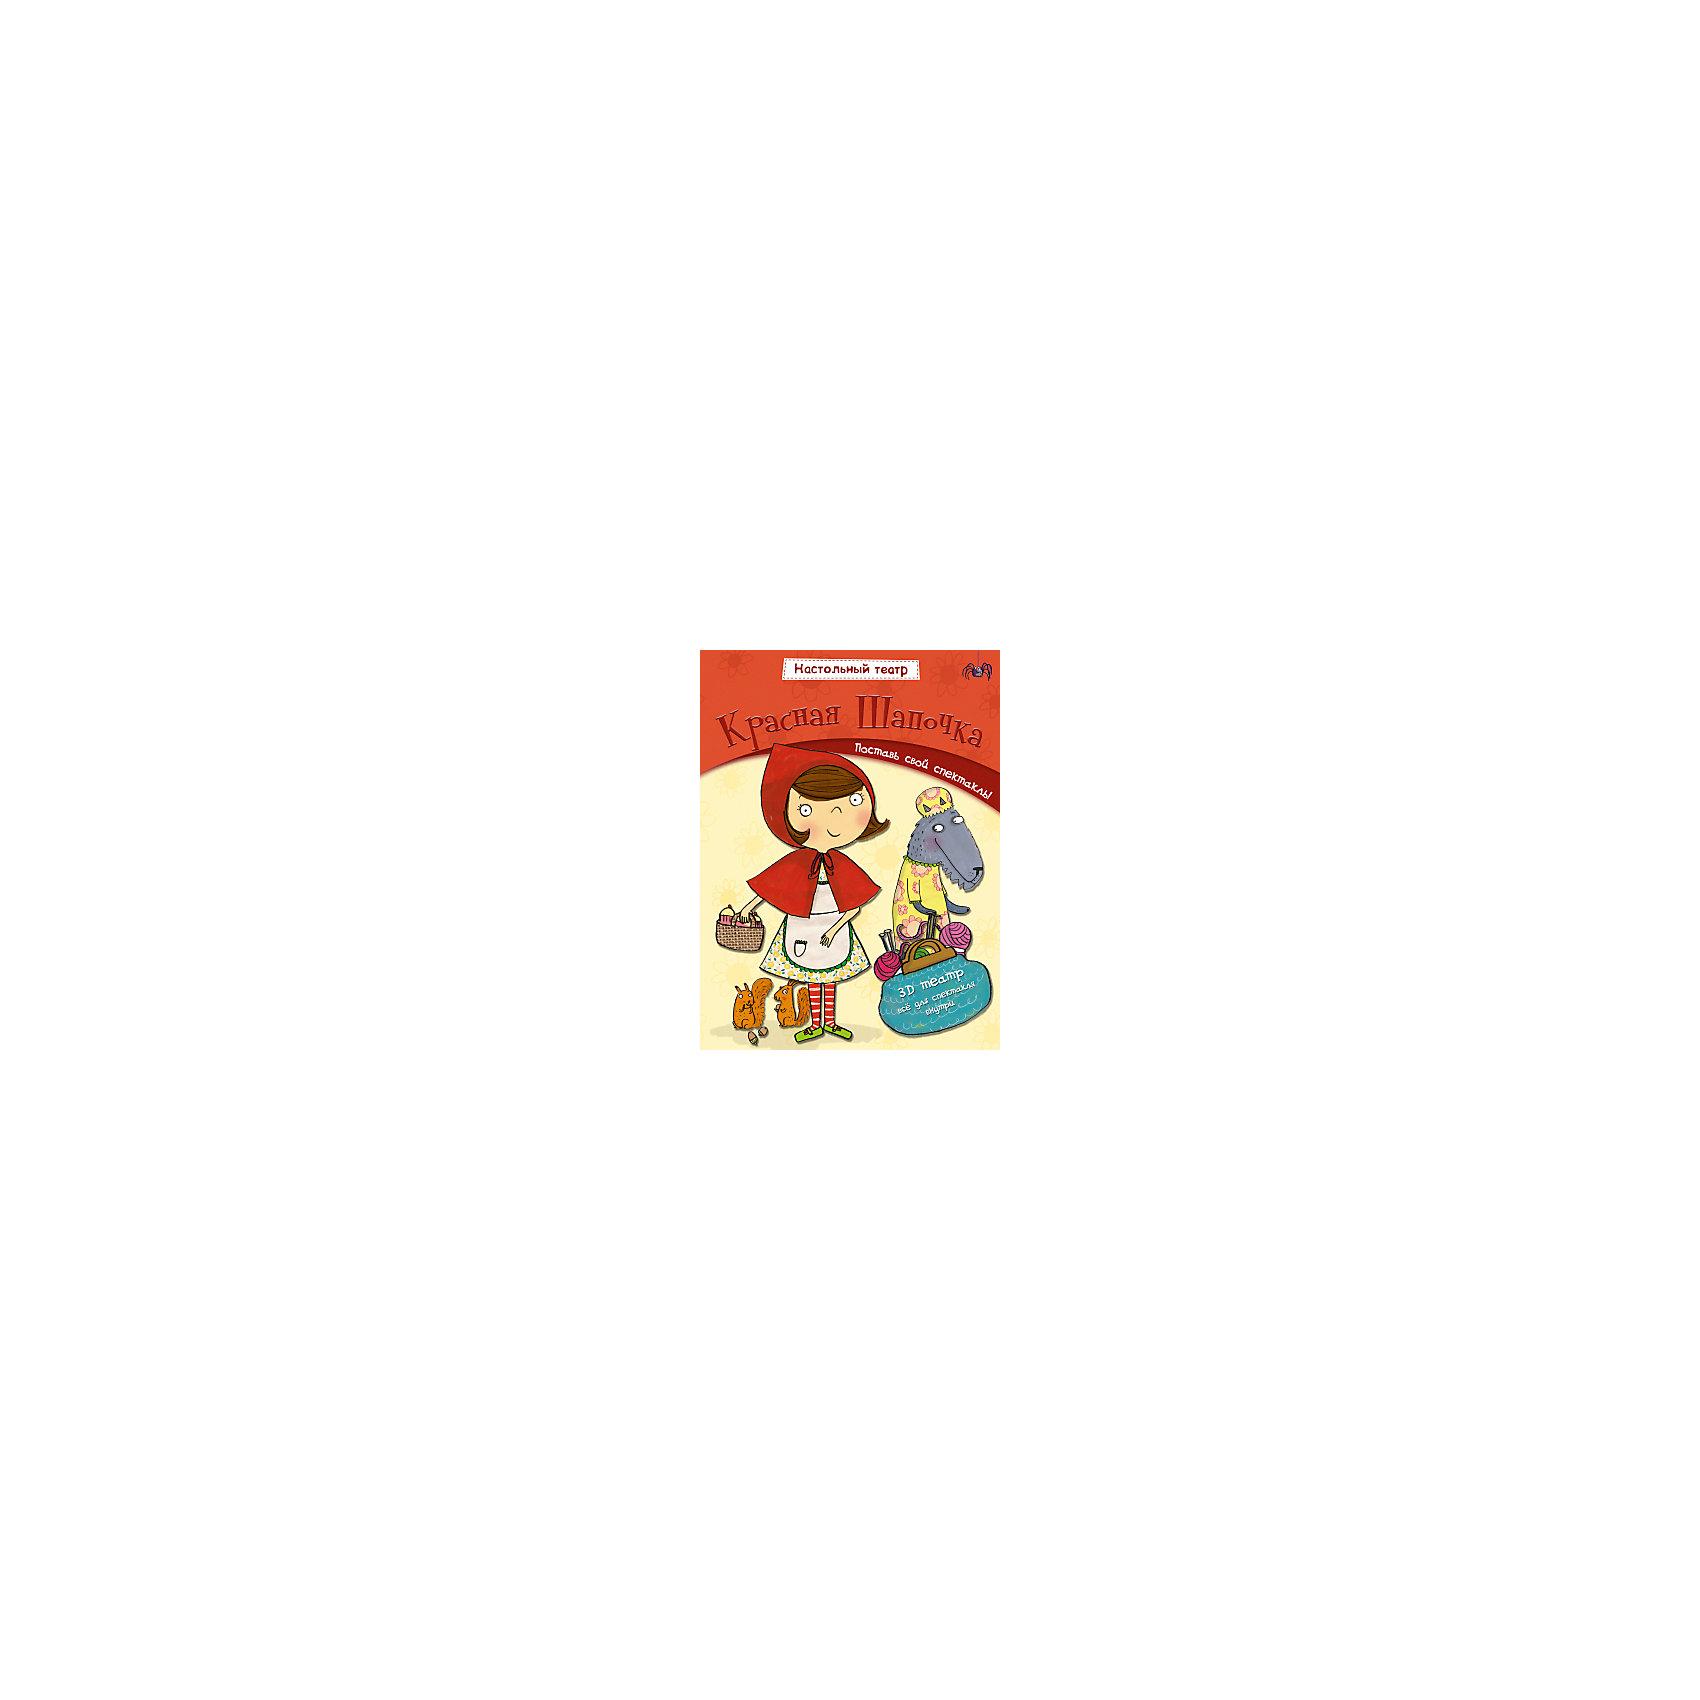 Настольный театр Красная шапочкаРазвивающие книги<br>Настольный театр Красная шапочка<br><br>Характеристики:<br><br>• настоящее театральное представление, не выходя из дома<br>• текстовые карточки <br>• подробная инструкция<br>• в комплекте: персонажи, реквизит, декорации, карточки с текстом, входные билеты<br>• серия: Настольный театр<br>• ISBN:  978-5-4315-0540-9<br>• размер упаковки: 28х21х0,5 см<br>• вес: 204 грамма<br><br>С настольным театром можно устраивать интересные представления и даже приглашать зрителей! В комплект входят персонажи, костюмы, реквизит, карточки-подсказки, входные билеты - всё, что необходимо для настоящего театра. Пригласите друзей, раздав им входные билеты, достаньте реквизит, персонажей и костюмы, установите их на сцене и начинайте представление, пользуясь подсказками на карточках. Игра способствует развитию фантазии, мелкой моторики, памяти и речи.<br><br>Настольный театр Красная шапочка вы можете купить в нашем интернет-магазине.<br><br>Ширина мм: 5<br>Глубина мм: 210<br>Высота мм: 280<br>Вес г: 204<br>Возраст от месяцев: 36<br>Возраст до месяцев: 84<br>Пол: Унисекс<br>Возраст: Детский<br>SKU: 5362927